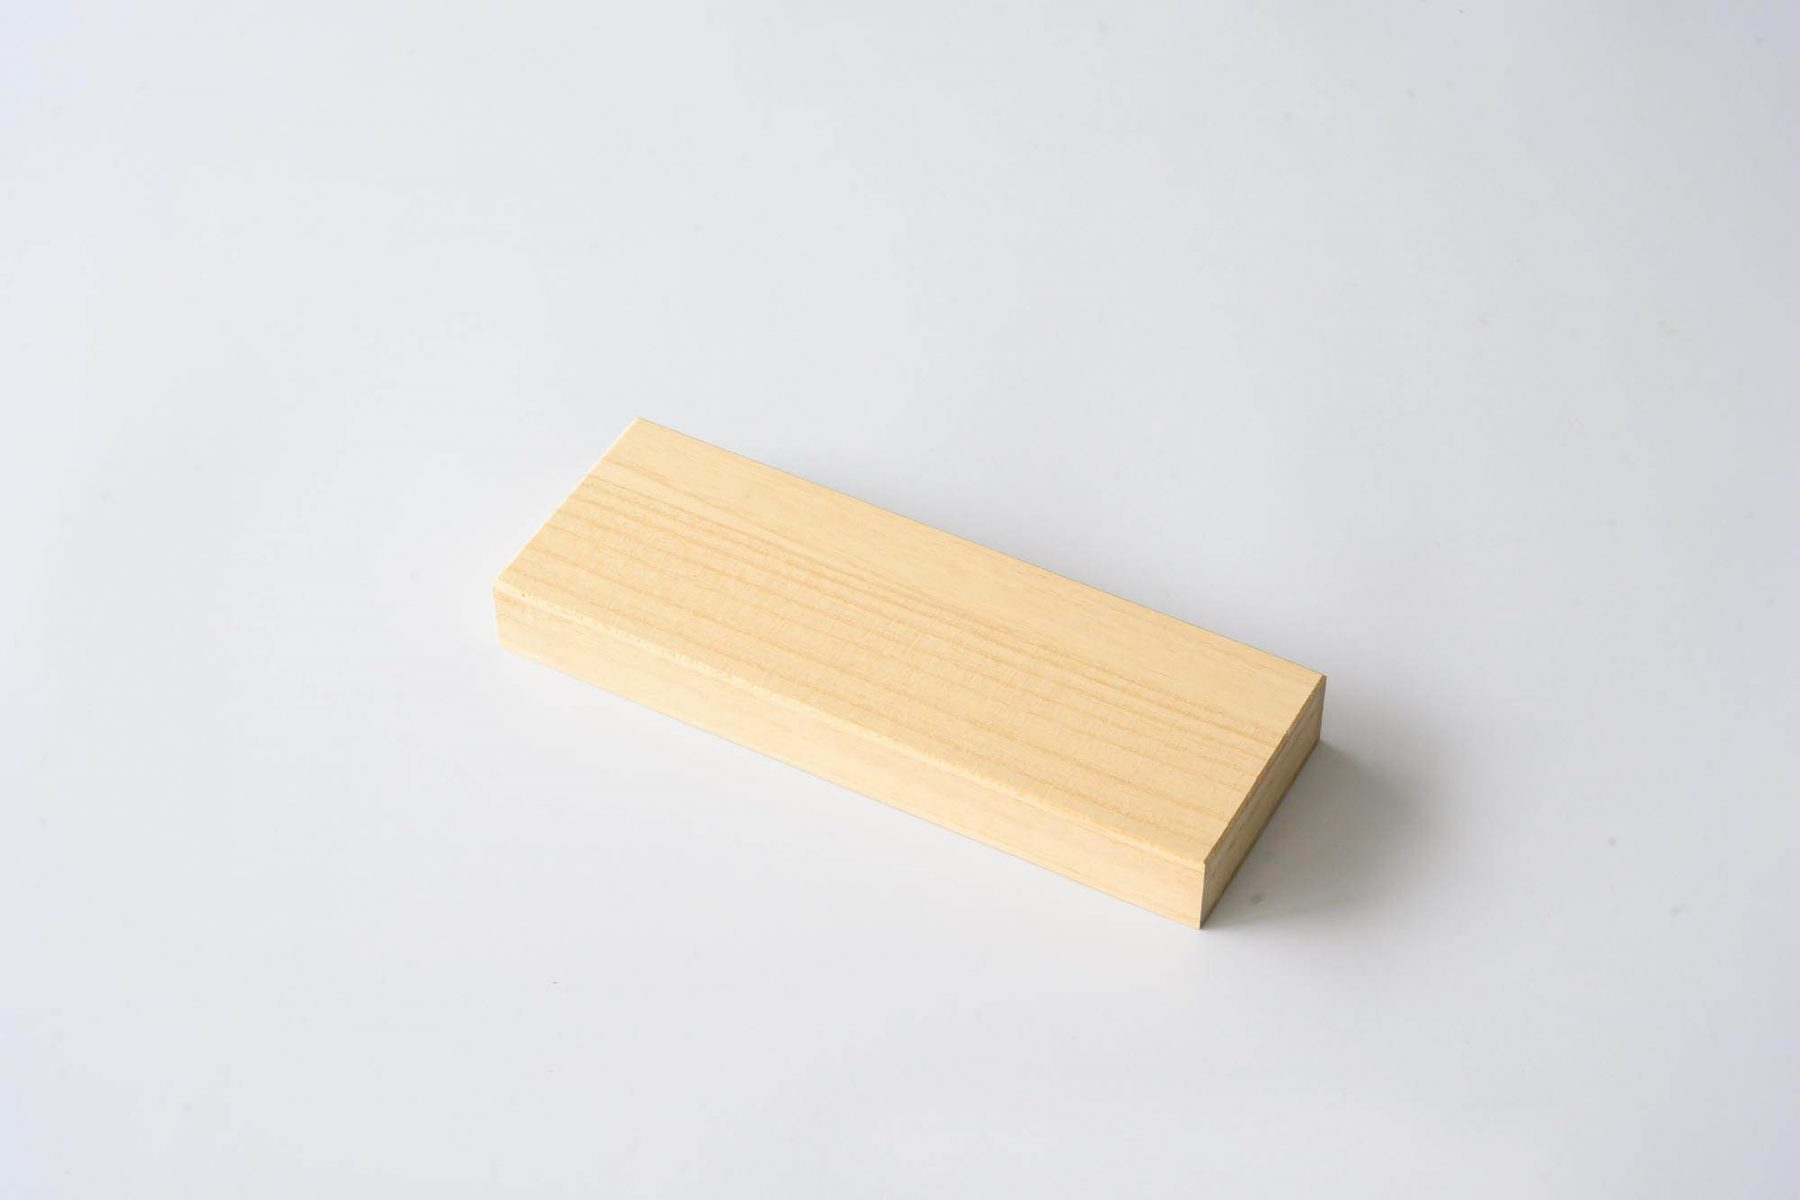 ハサミケース(桐箱)